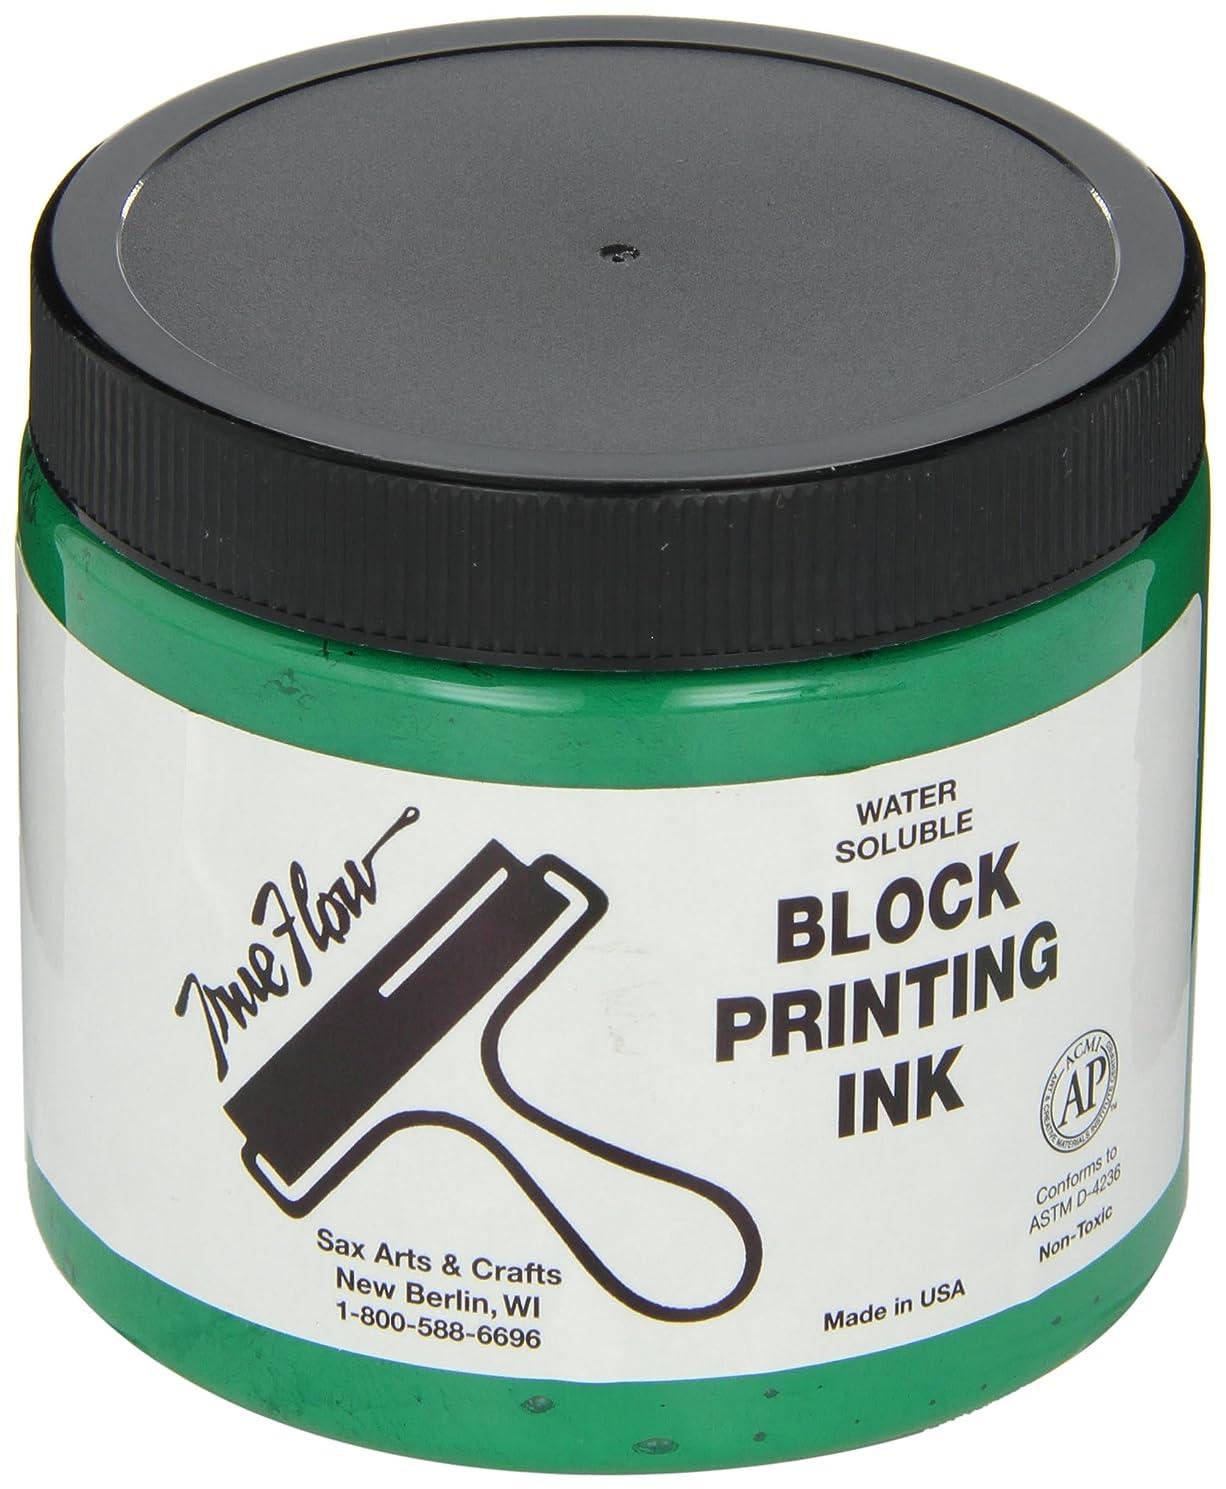 Sax True Flow Water Soluble Block Printing Ink - 16-oz. Jar - Green